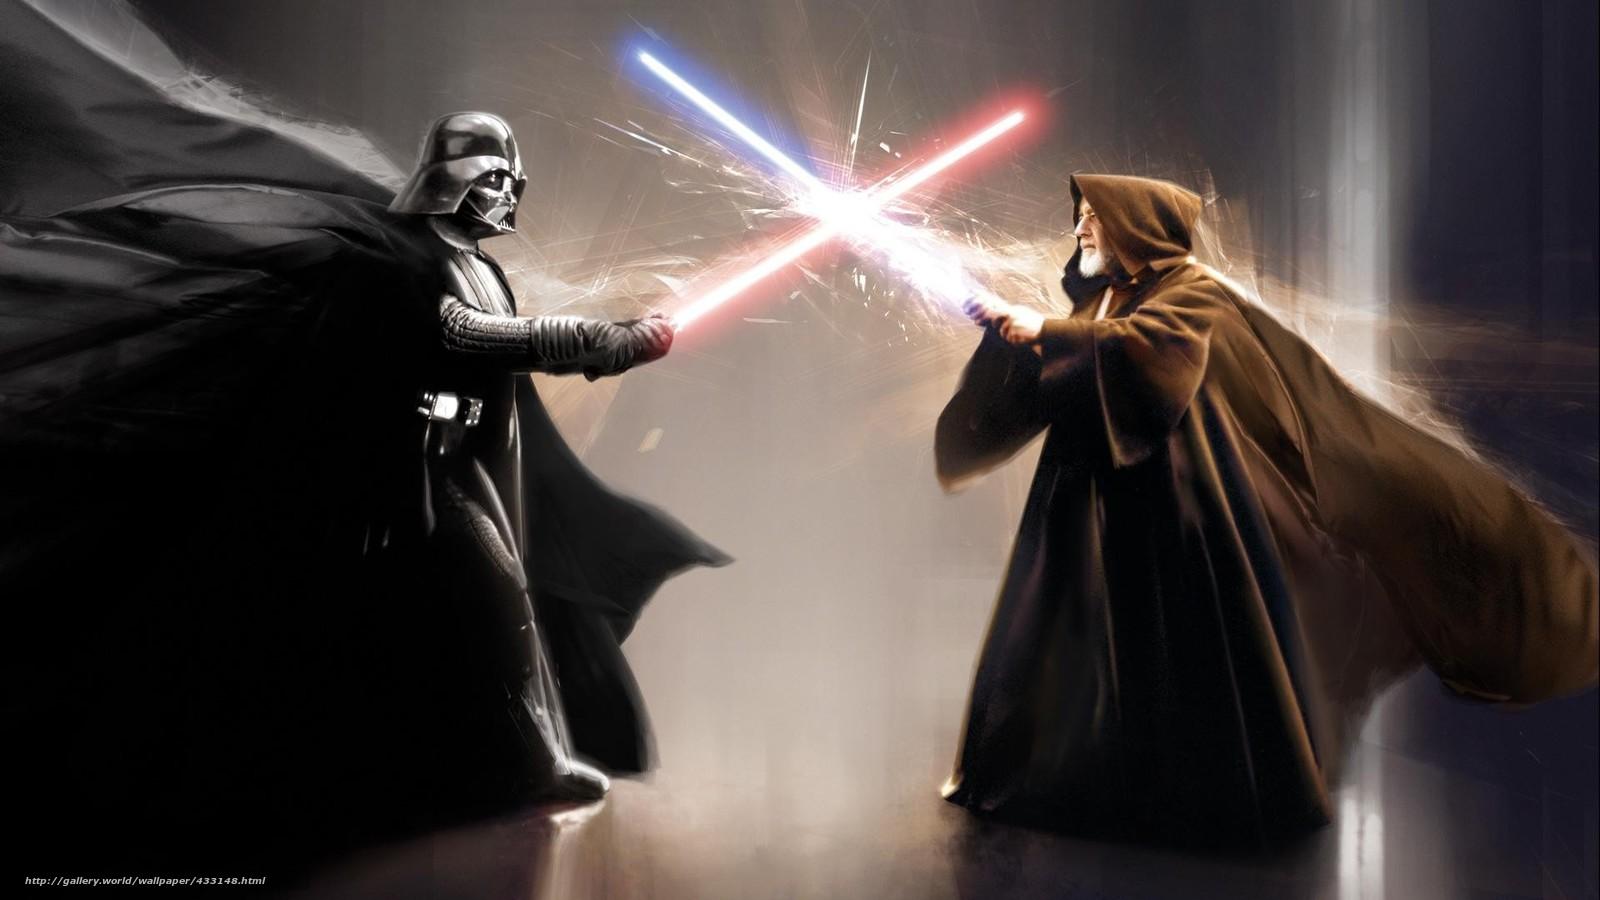 Darth vader star wars duelo espada luz arma manto de casco